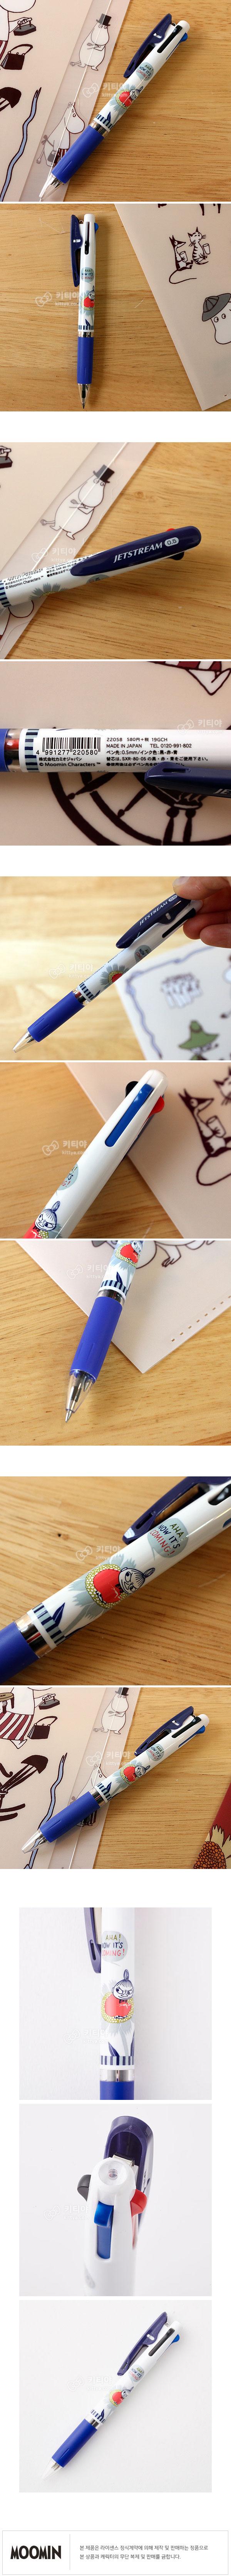 무민 제트스트림 3색 볼펜 0.5mm (리틀미이 220580) - 키티야, 12,100원, 볼펜, 캐릭터 볼펜